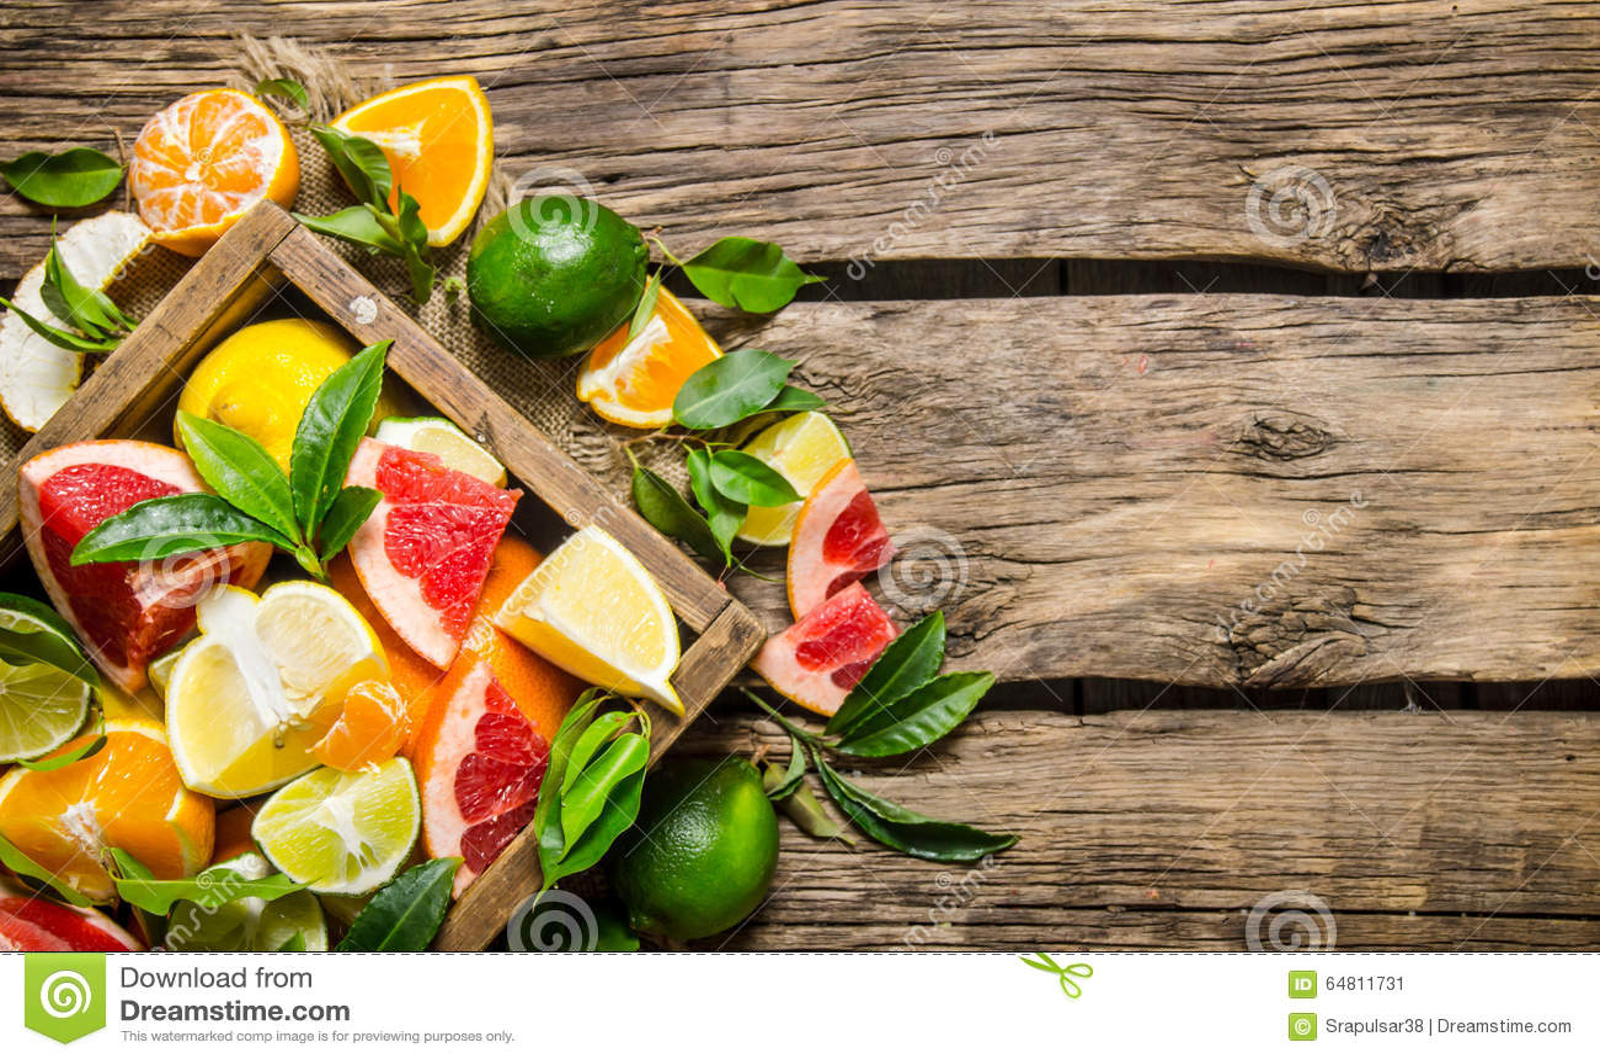 Agrume - pompelmo, arancia, mandarino, limone, calce in una vecchia scatola